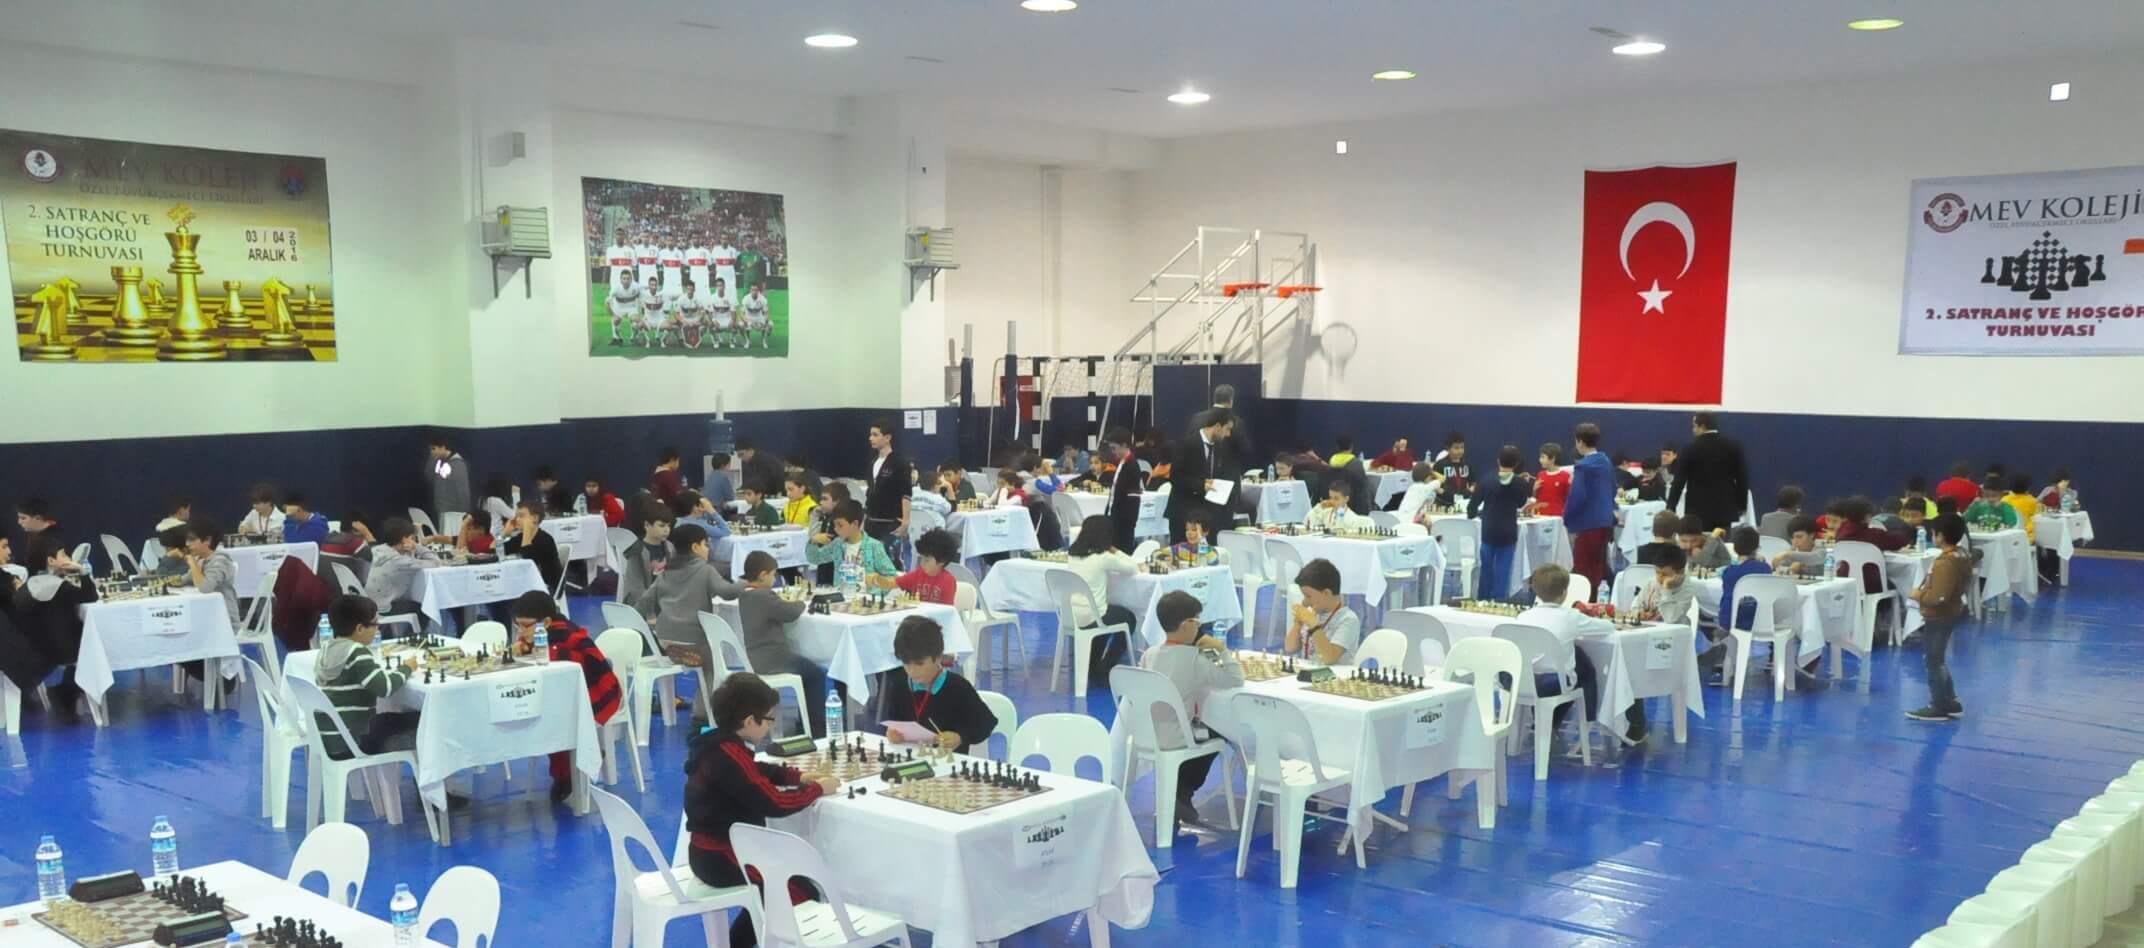 """MEV'de """"2. Satranç ve Hoşgörü Turnuvası"""" İlk Gün Büyük Heyecanla Başladı"""